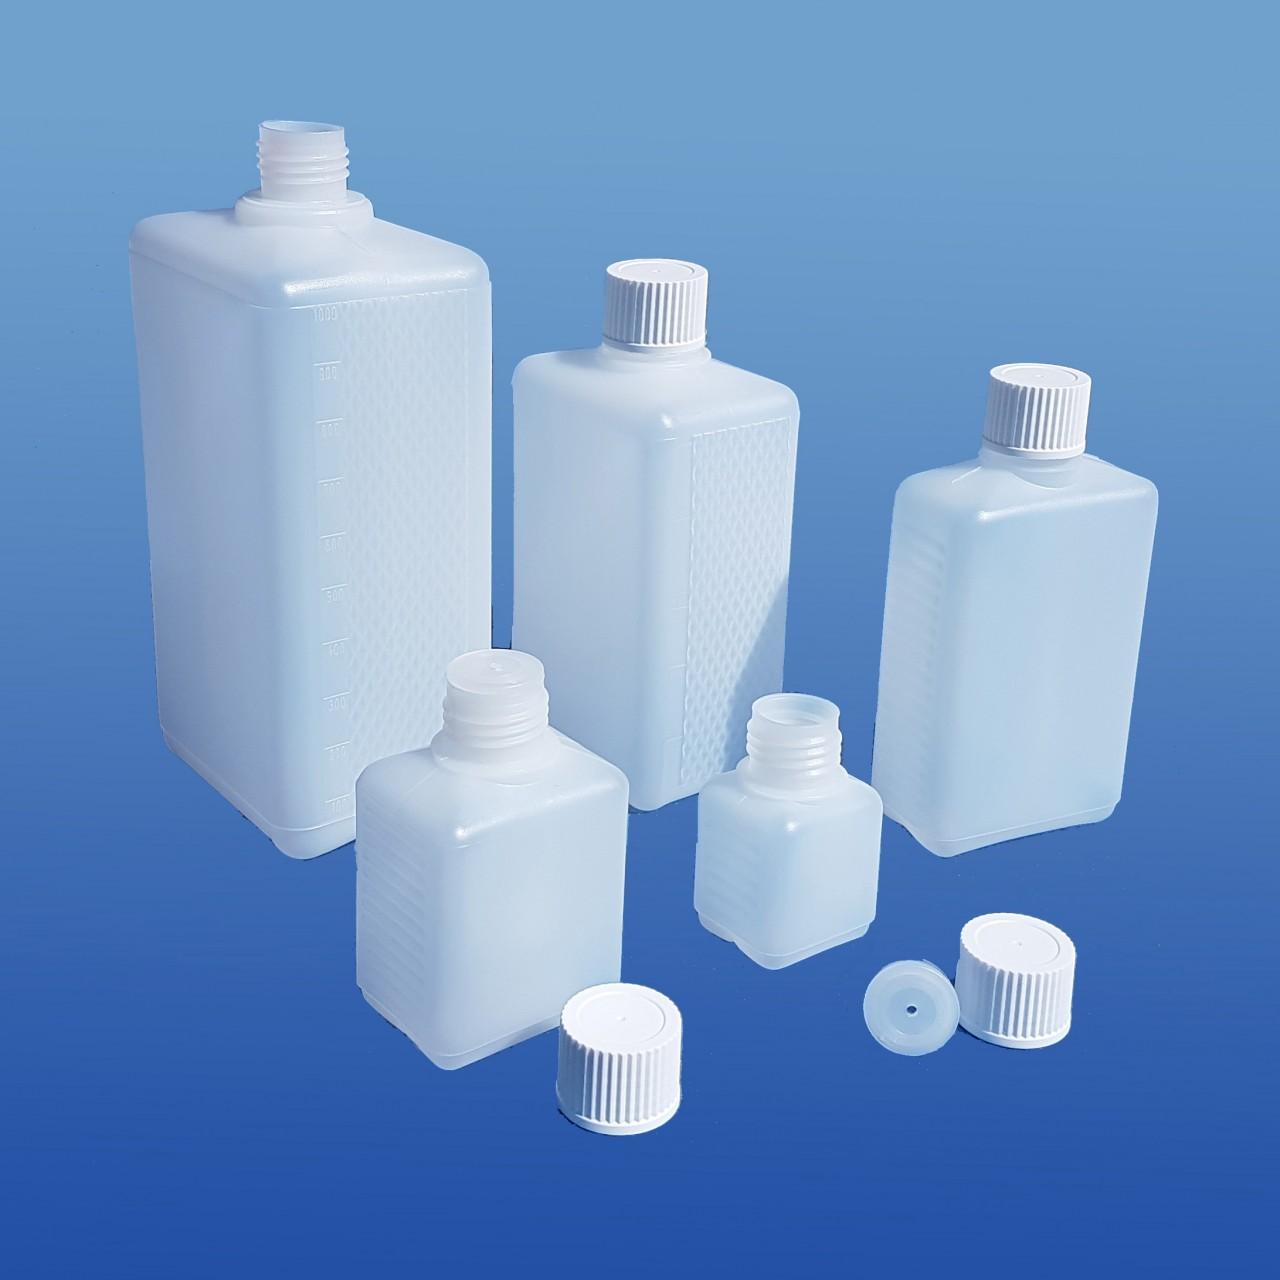 Viereck-Flaschen 50 -1000 ml |mit Spritzeinsatz-Verschluss